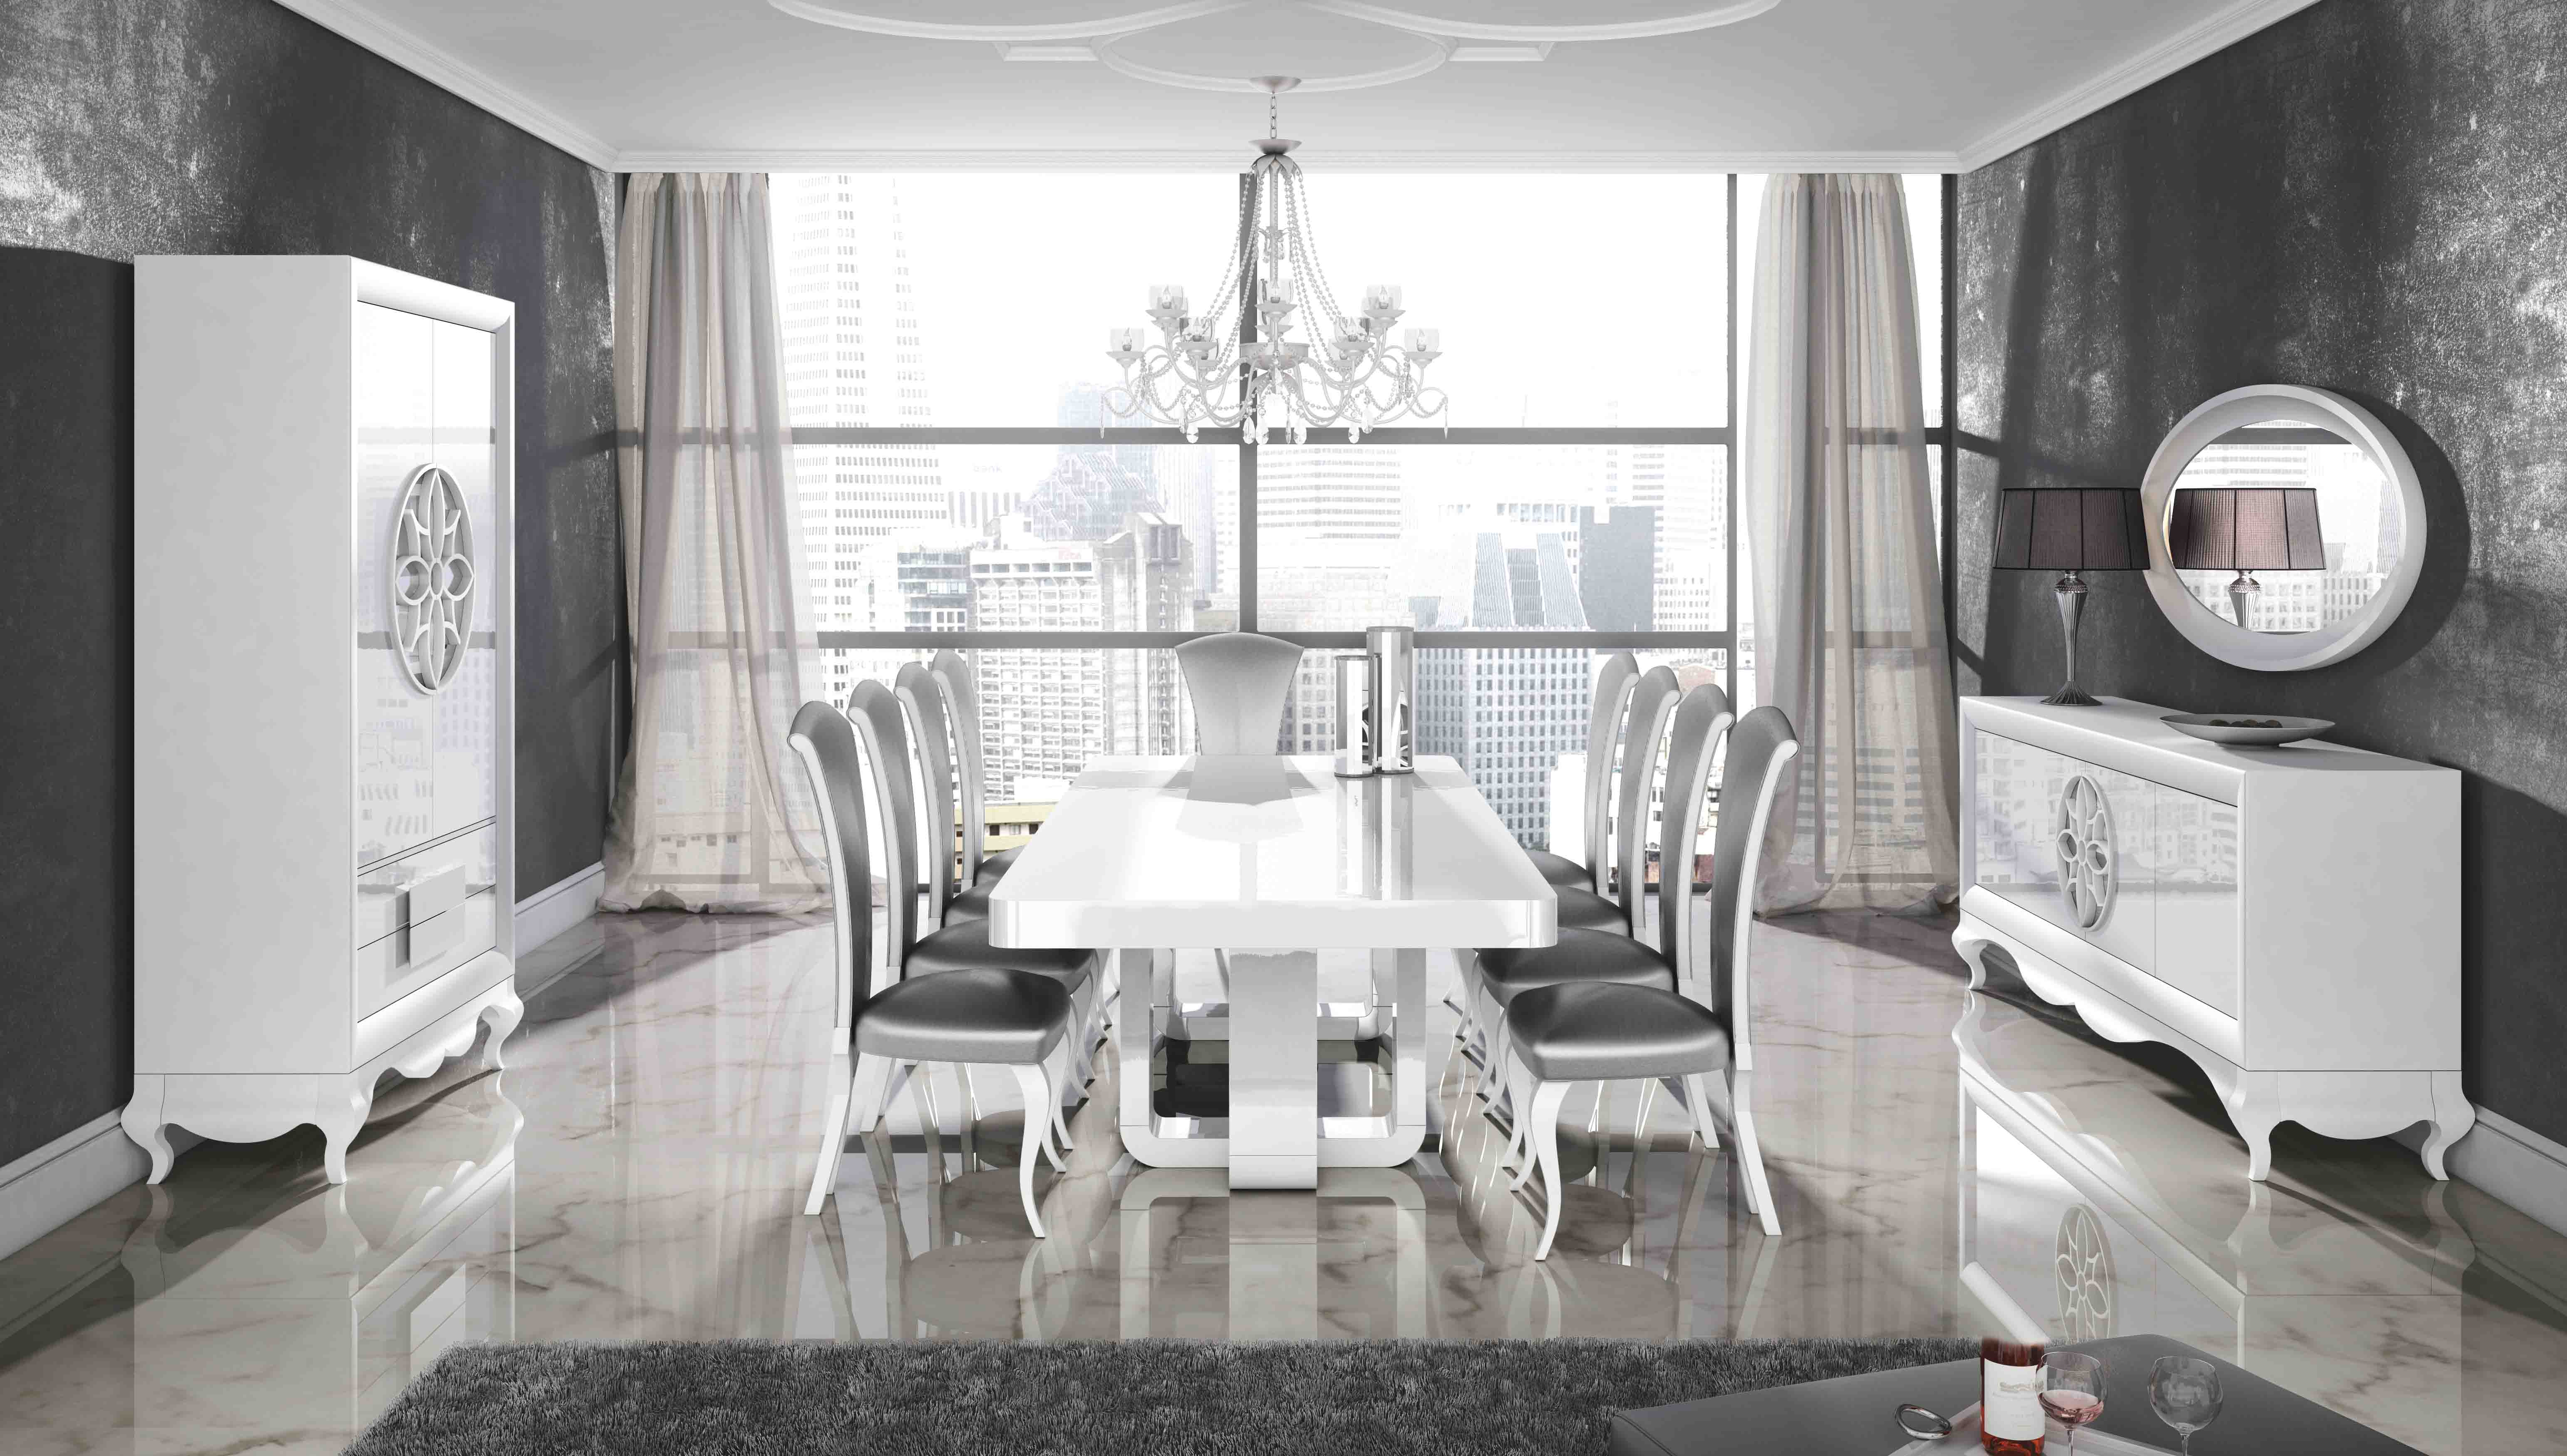 Muebles de sal n fabricante de salones muebles de for Fabricantes de muebles de salon